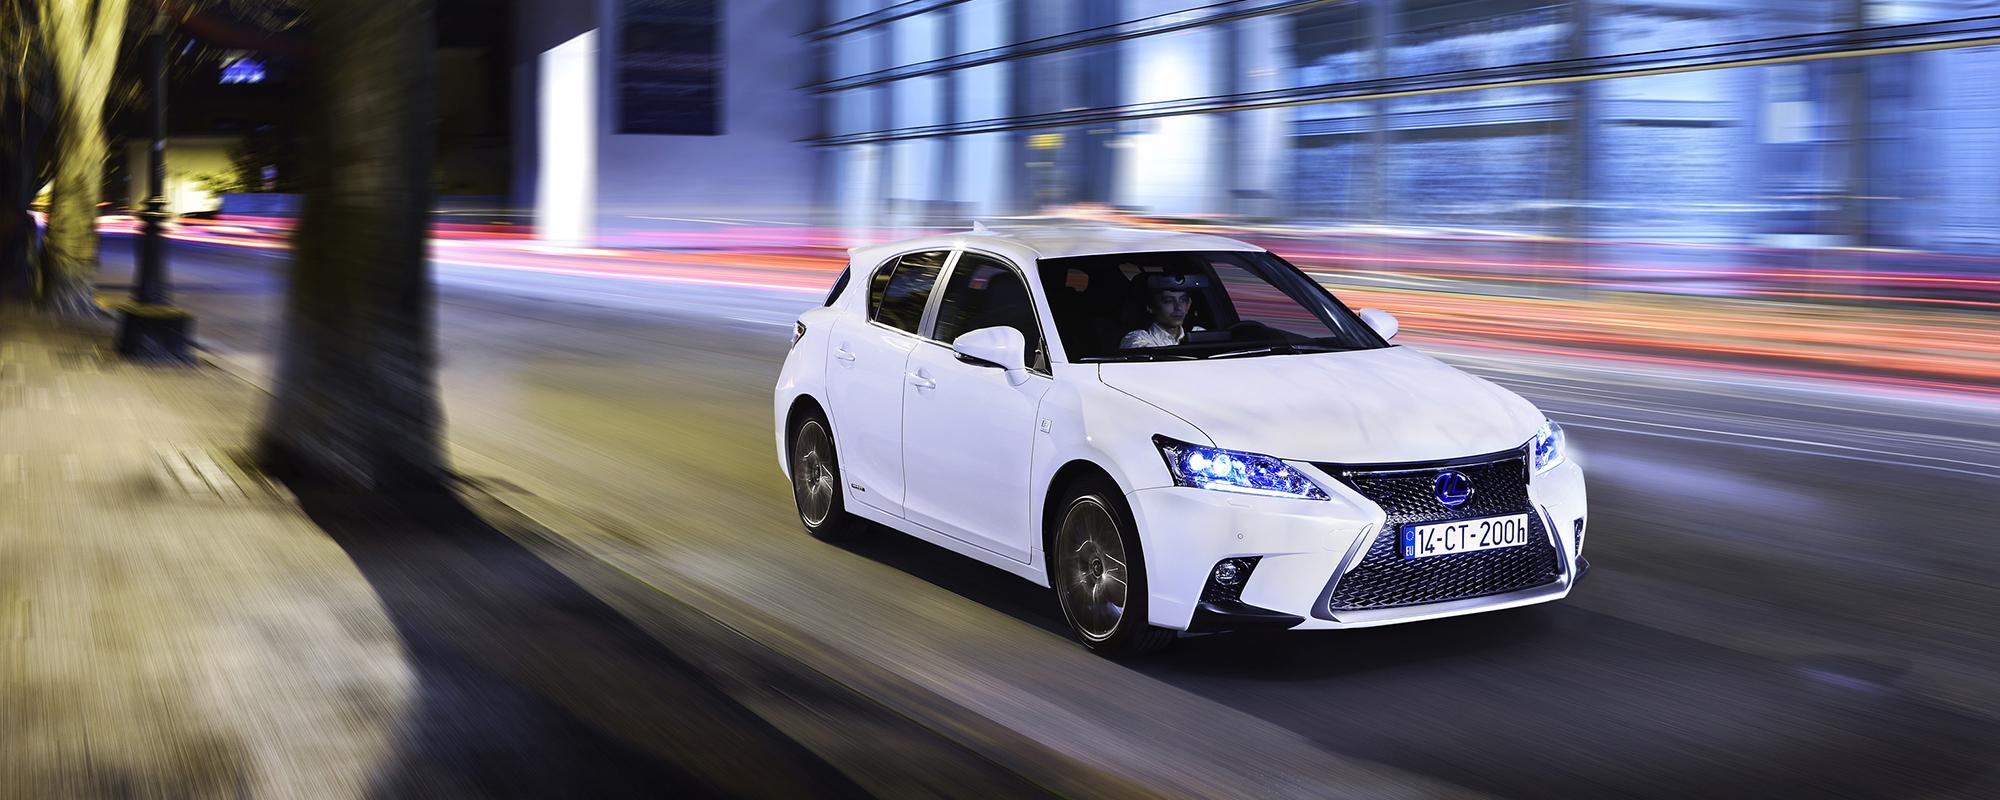 Lexus CT 200h gekozen tot milieuvriendelijkste auto